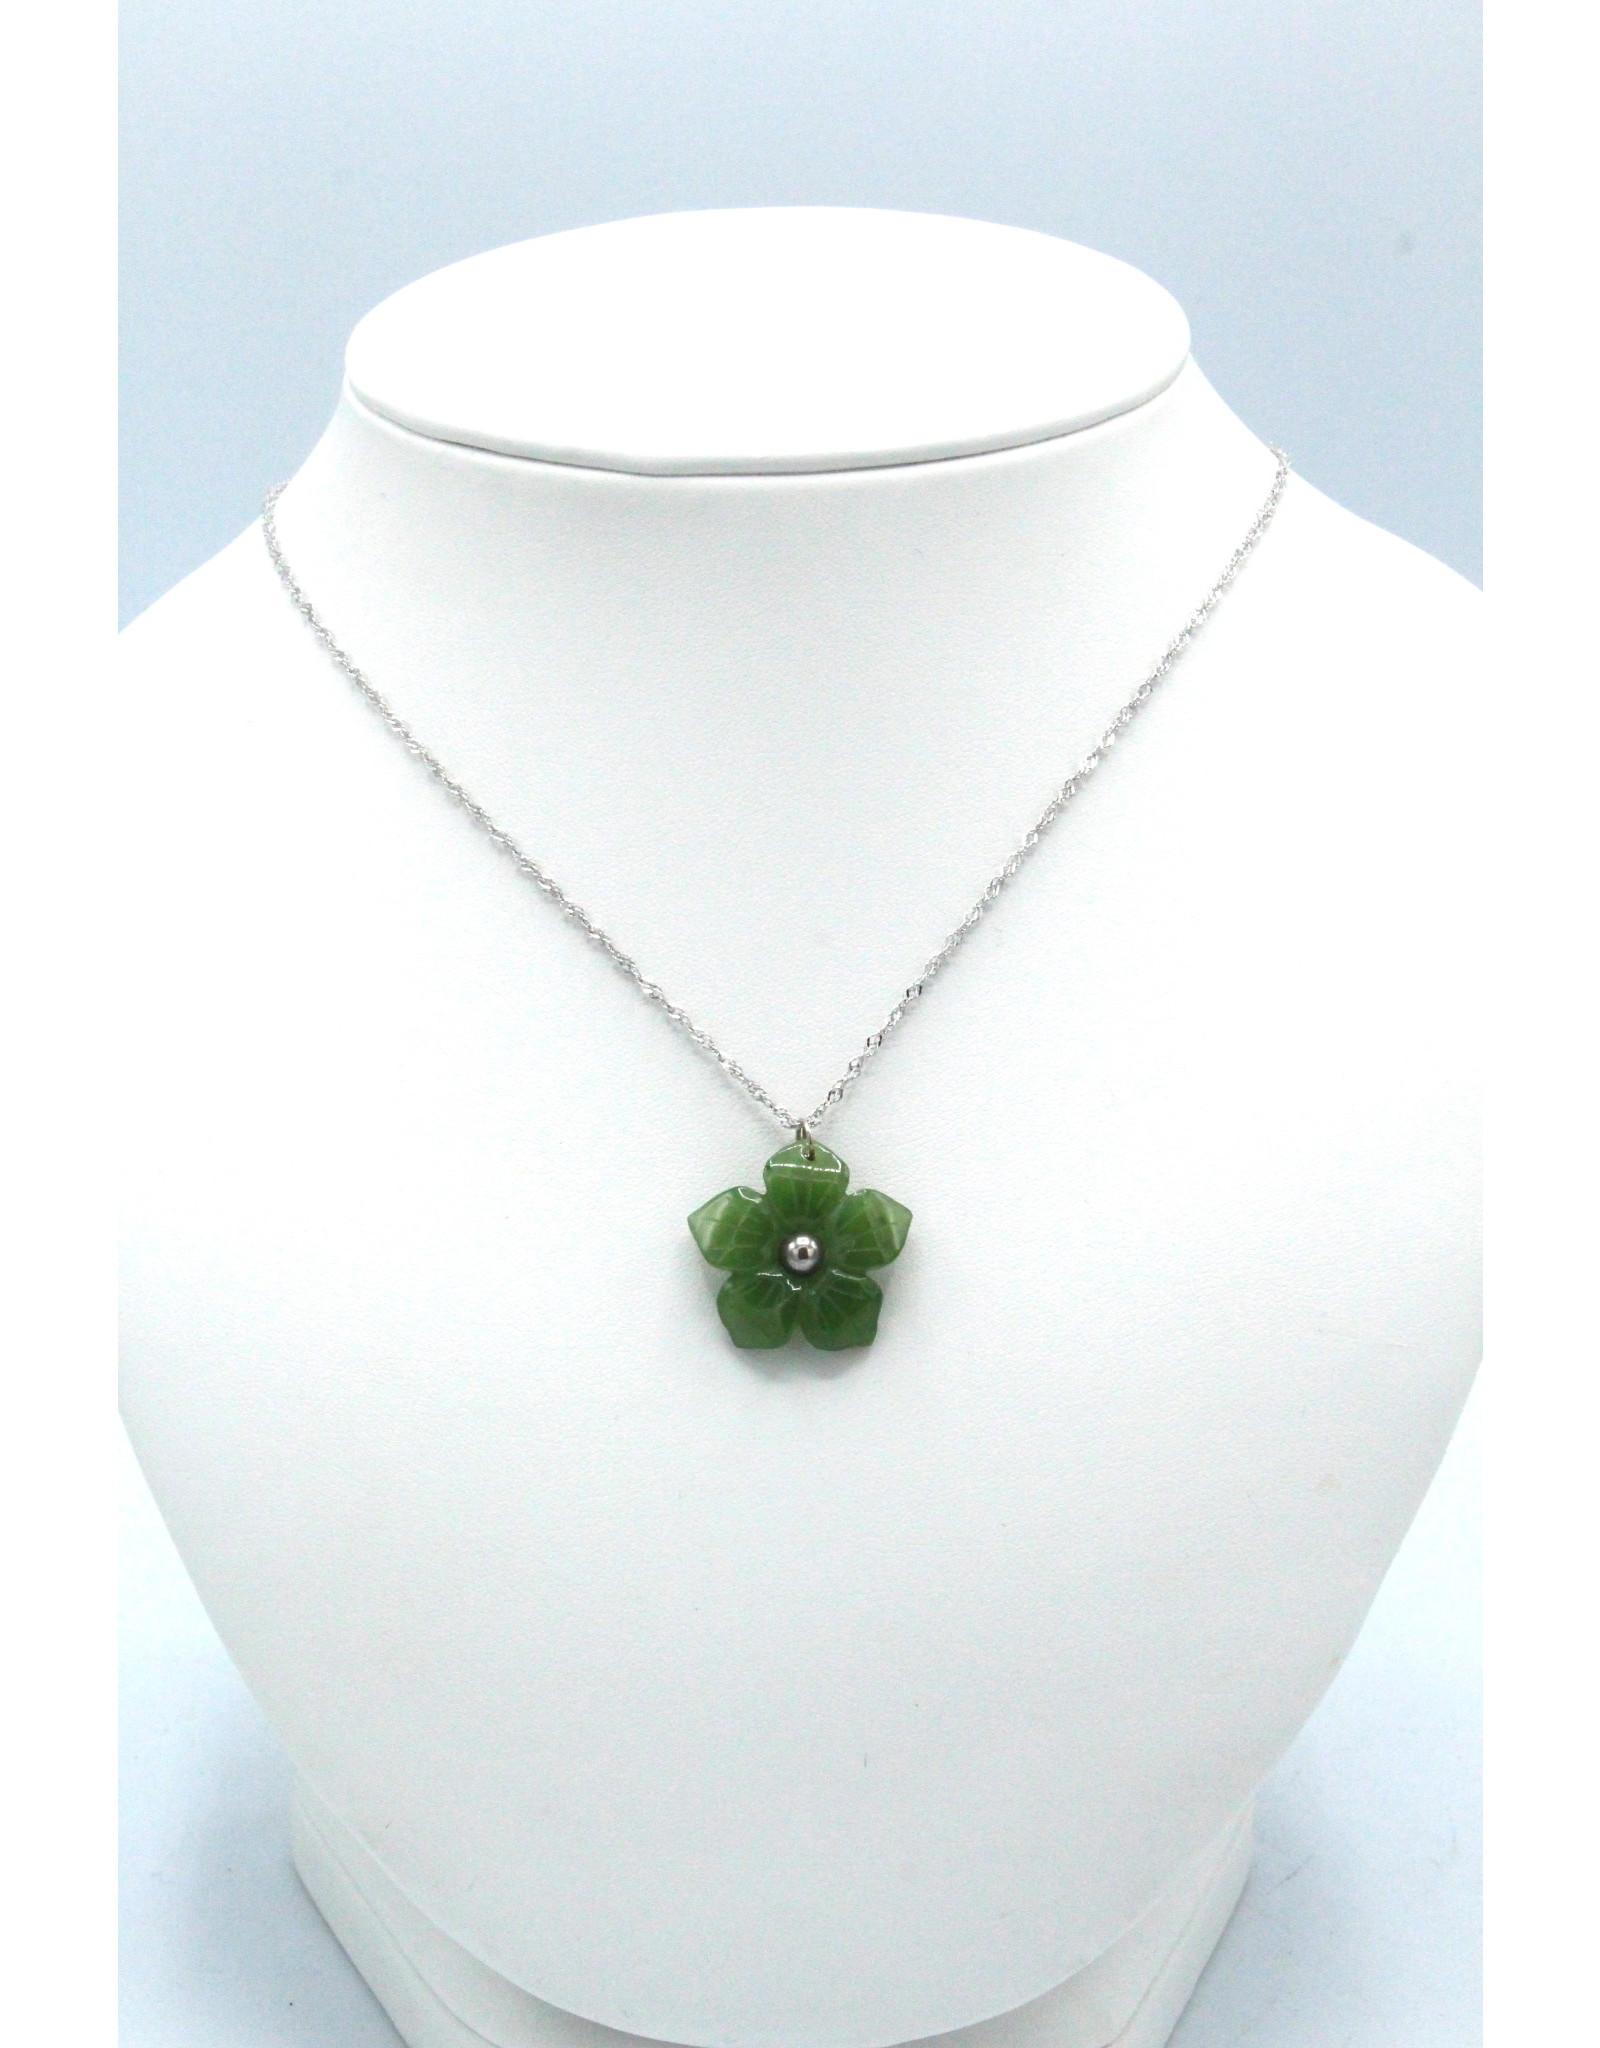 Jade Flower Necklace - JPS111